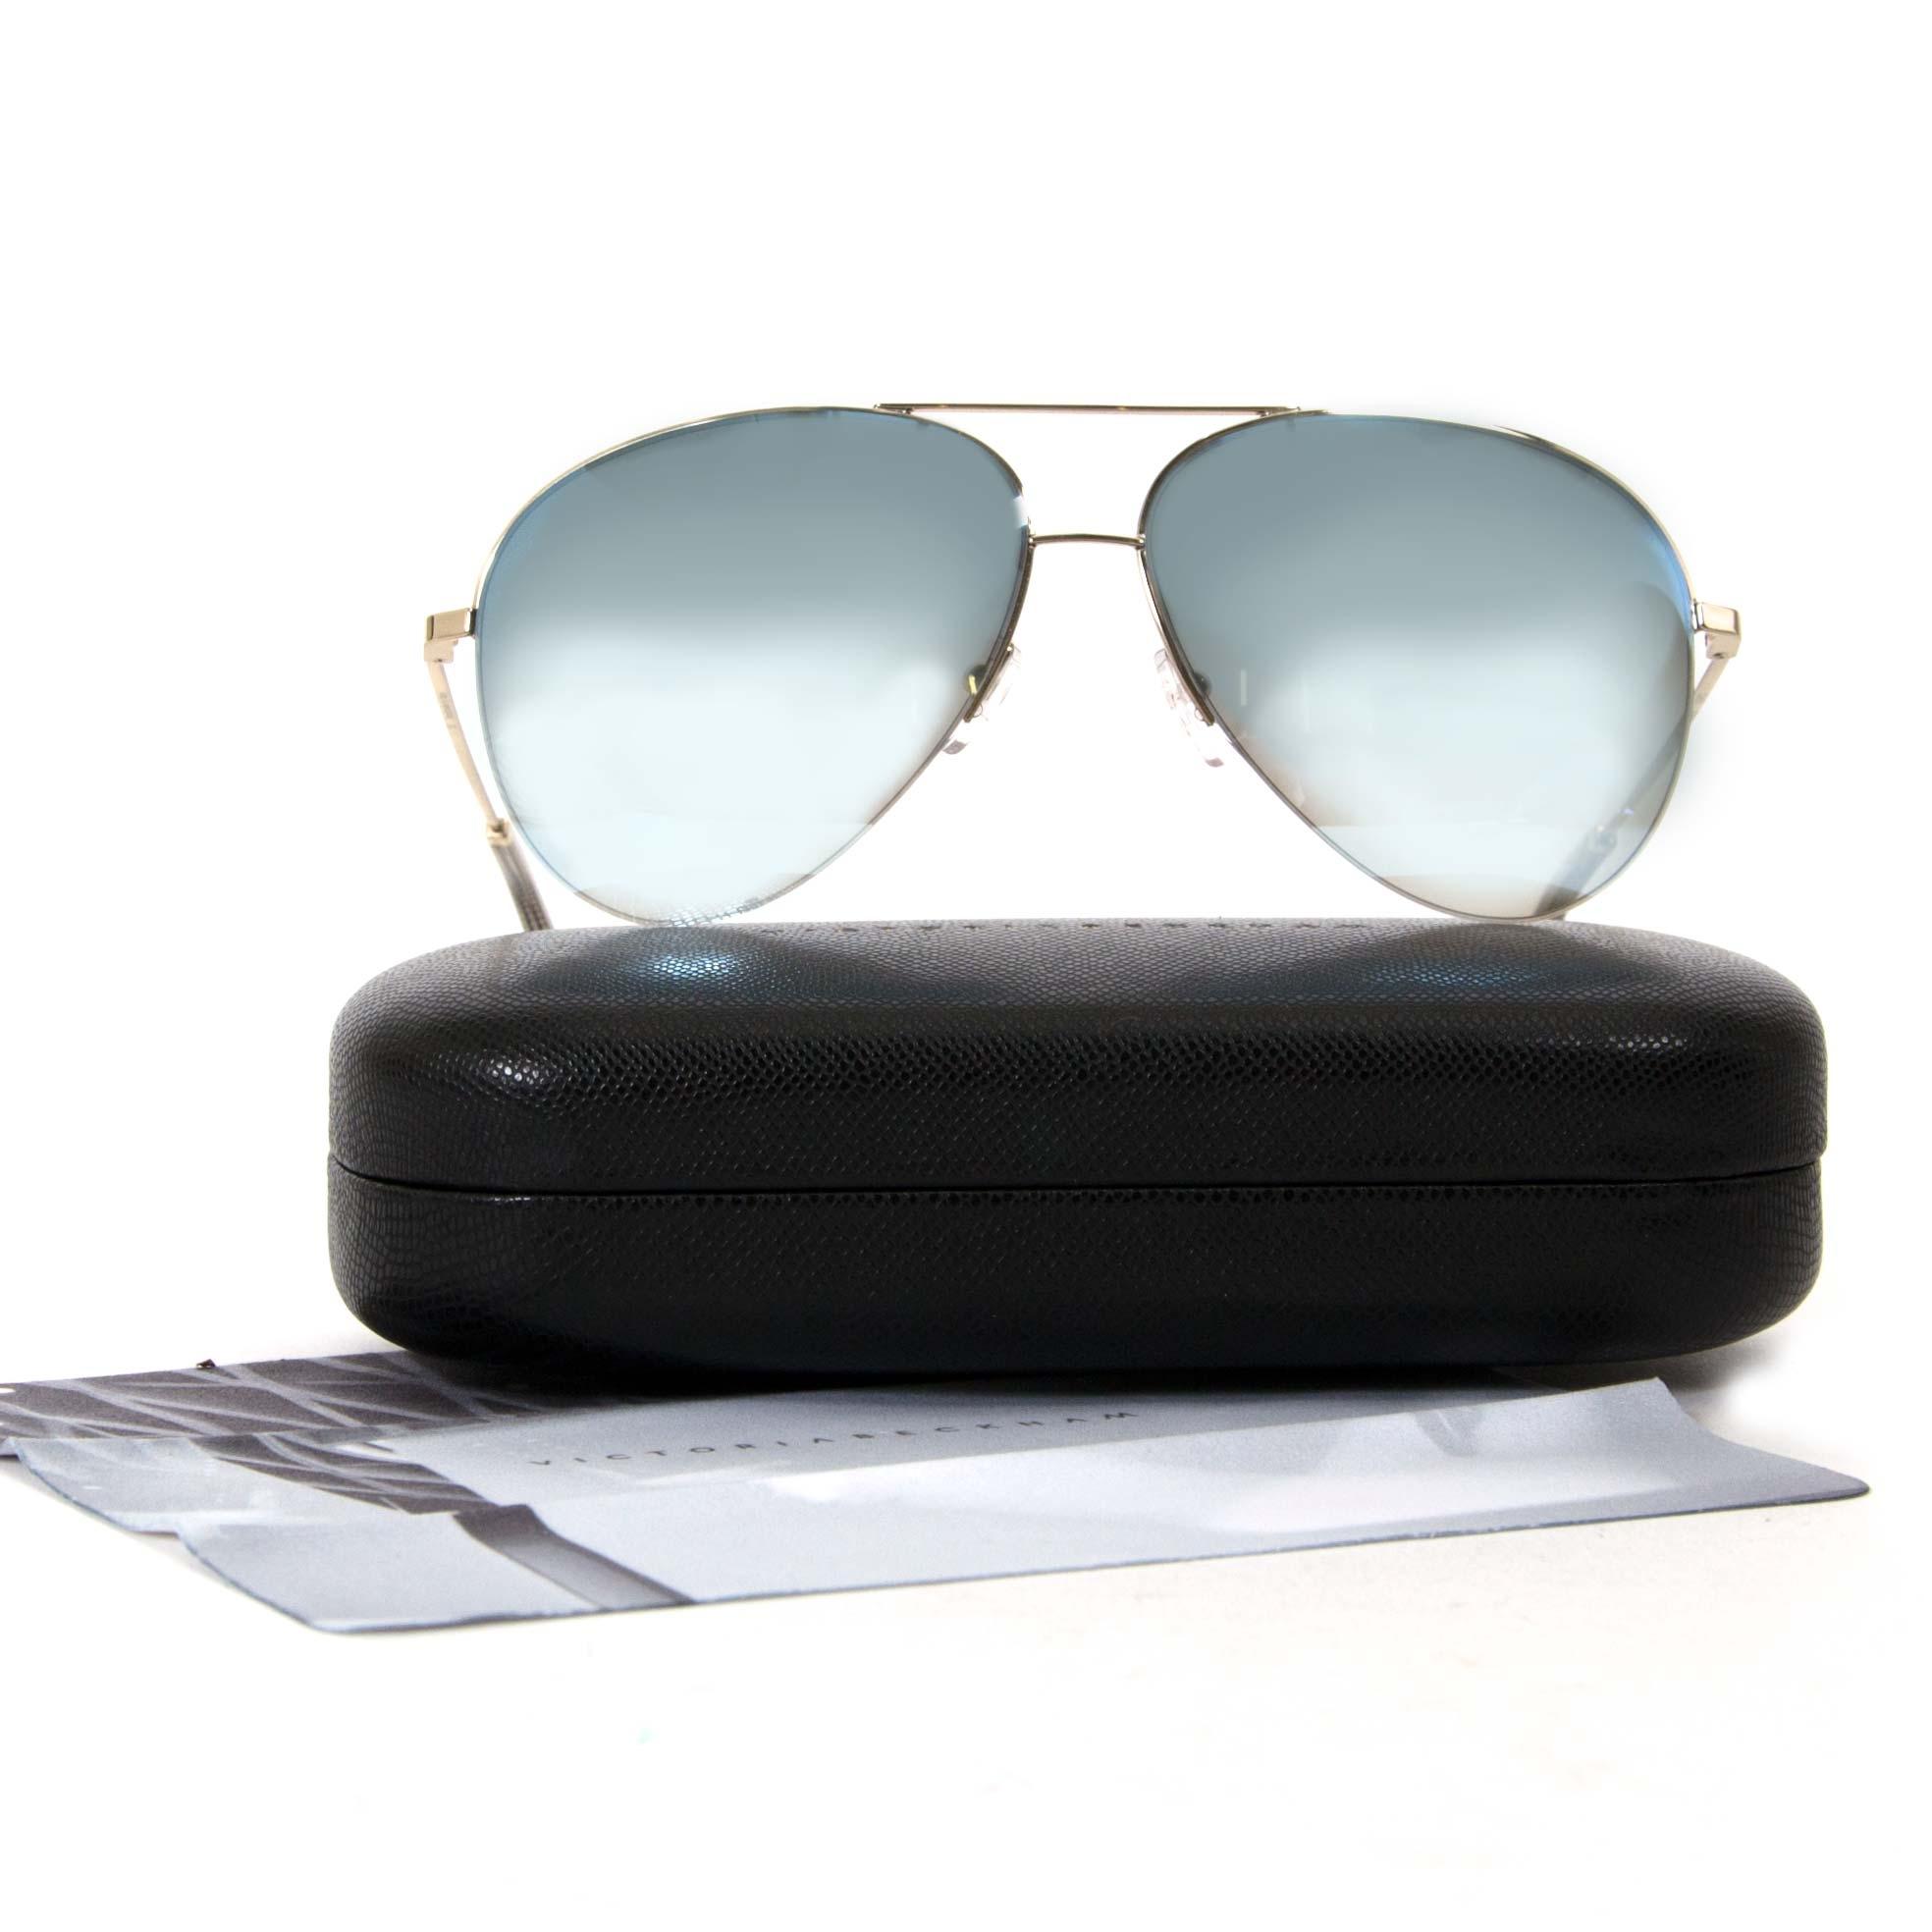 Victoria Beckham Flash Blue & Gold Classic Victoria Pilot Sunglasses pour le meilleur prix chez Labellov à Anvers